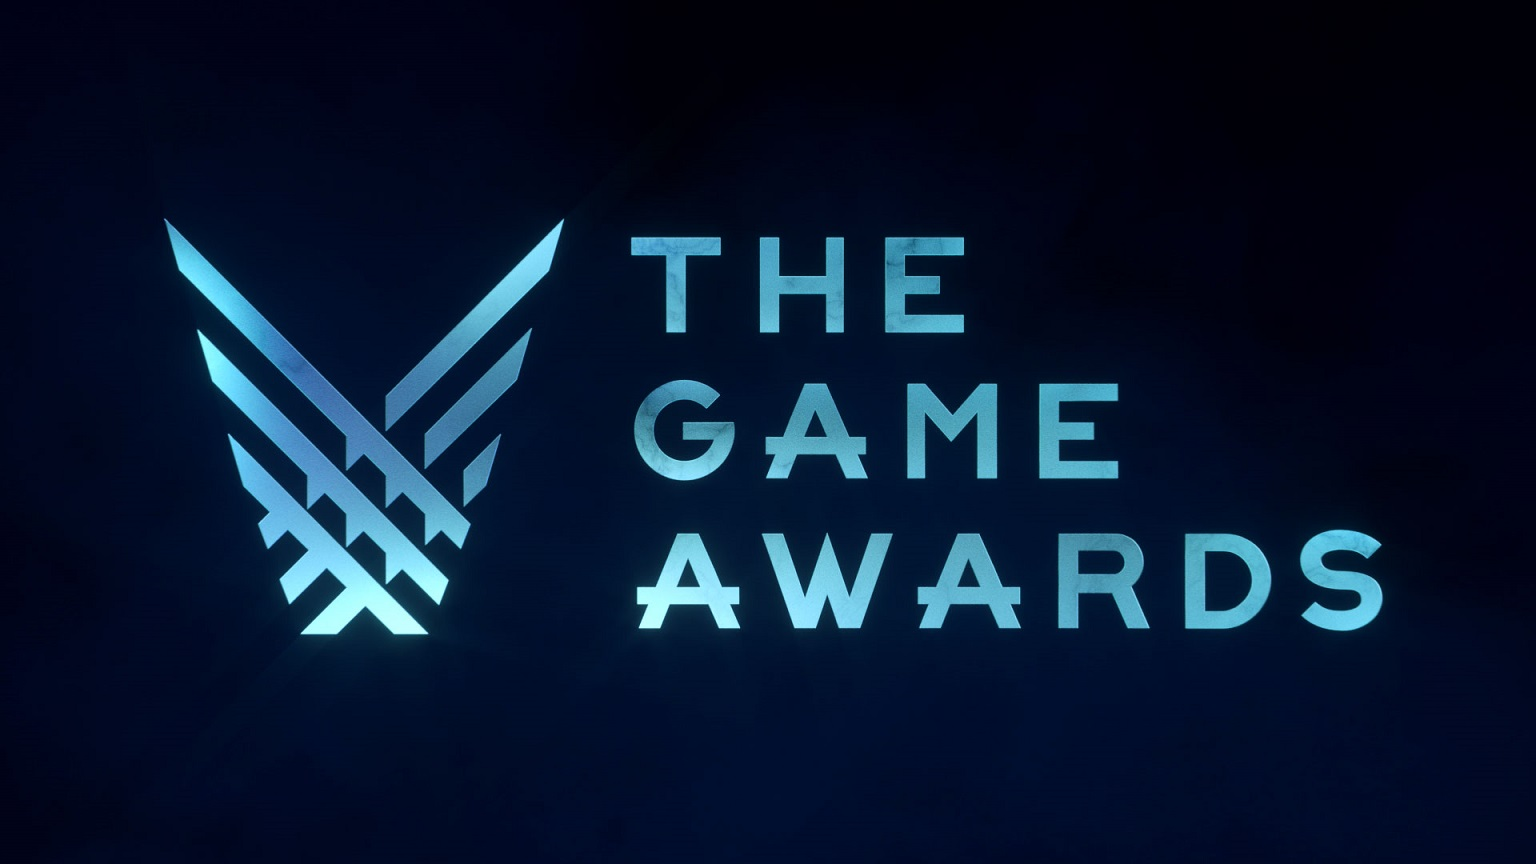 В Steam началась распродажа The Game Awards